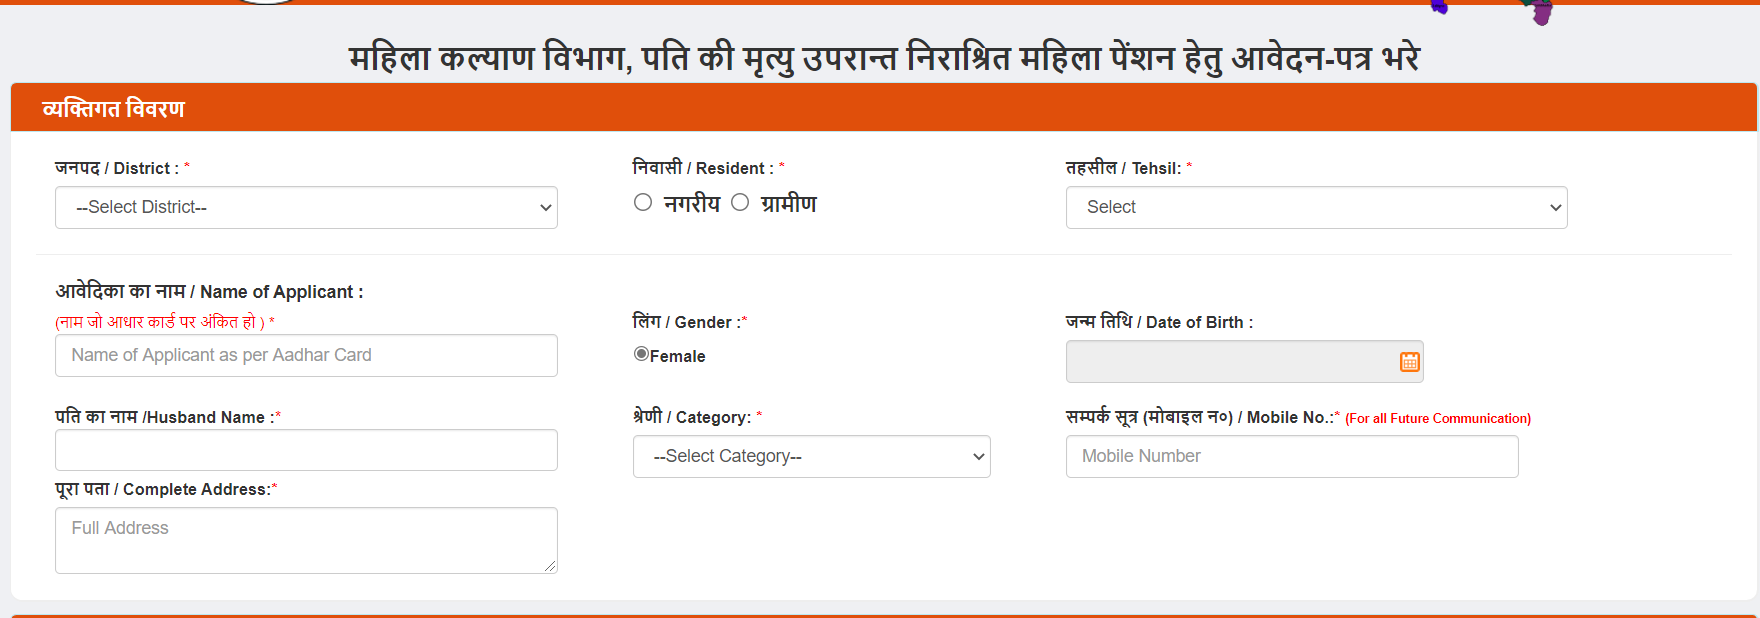 उत्तर-प्रदेश-विधवा-पेंशन-योजना-ऑनलाइन-आवेदन